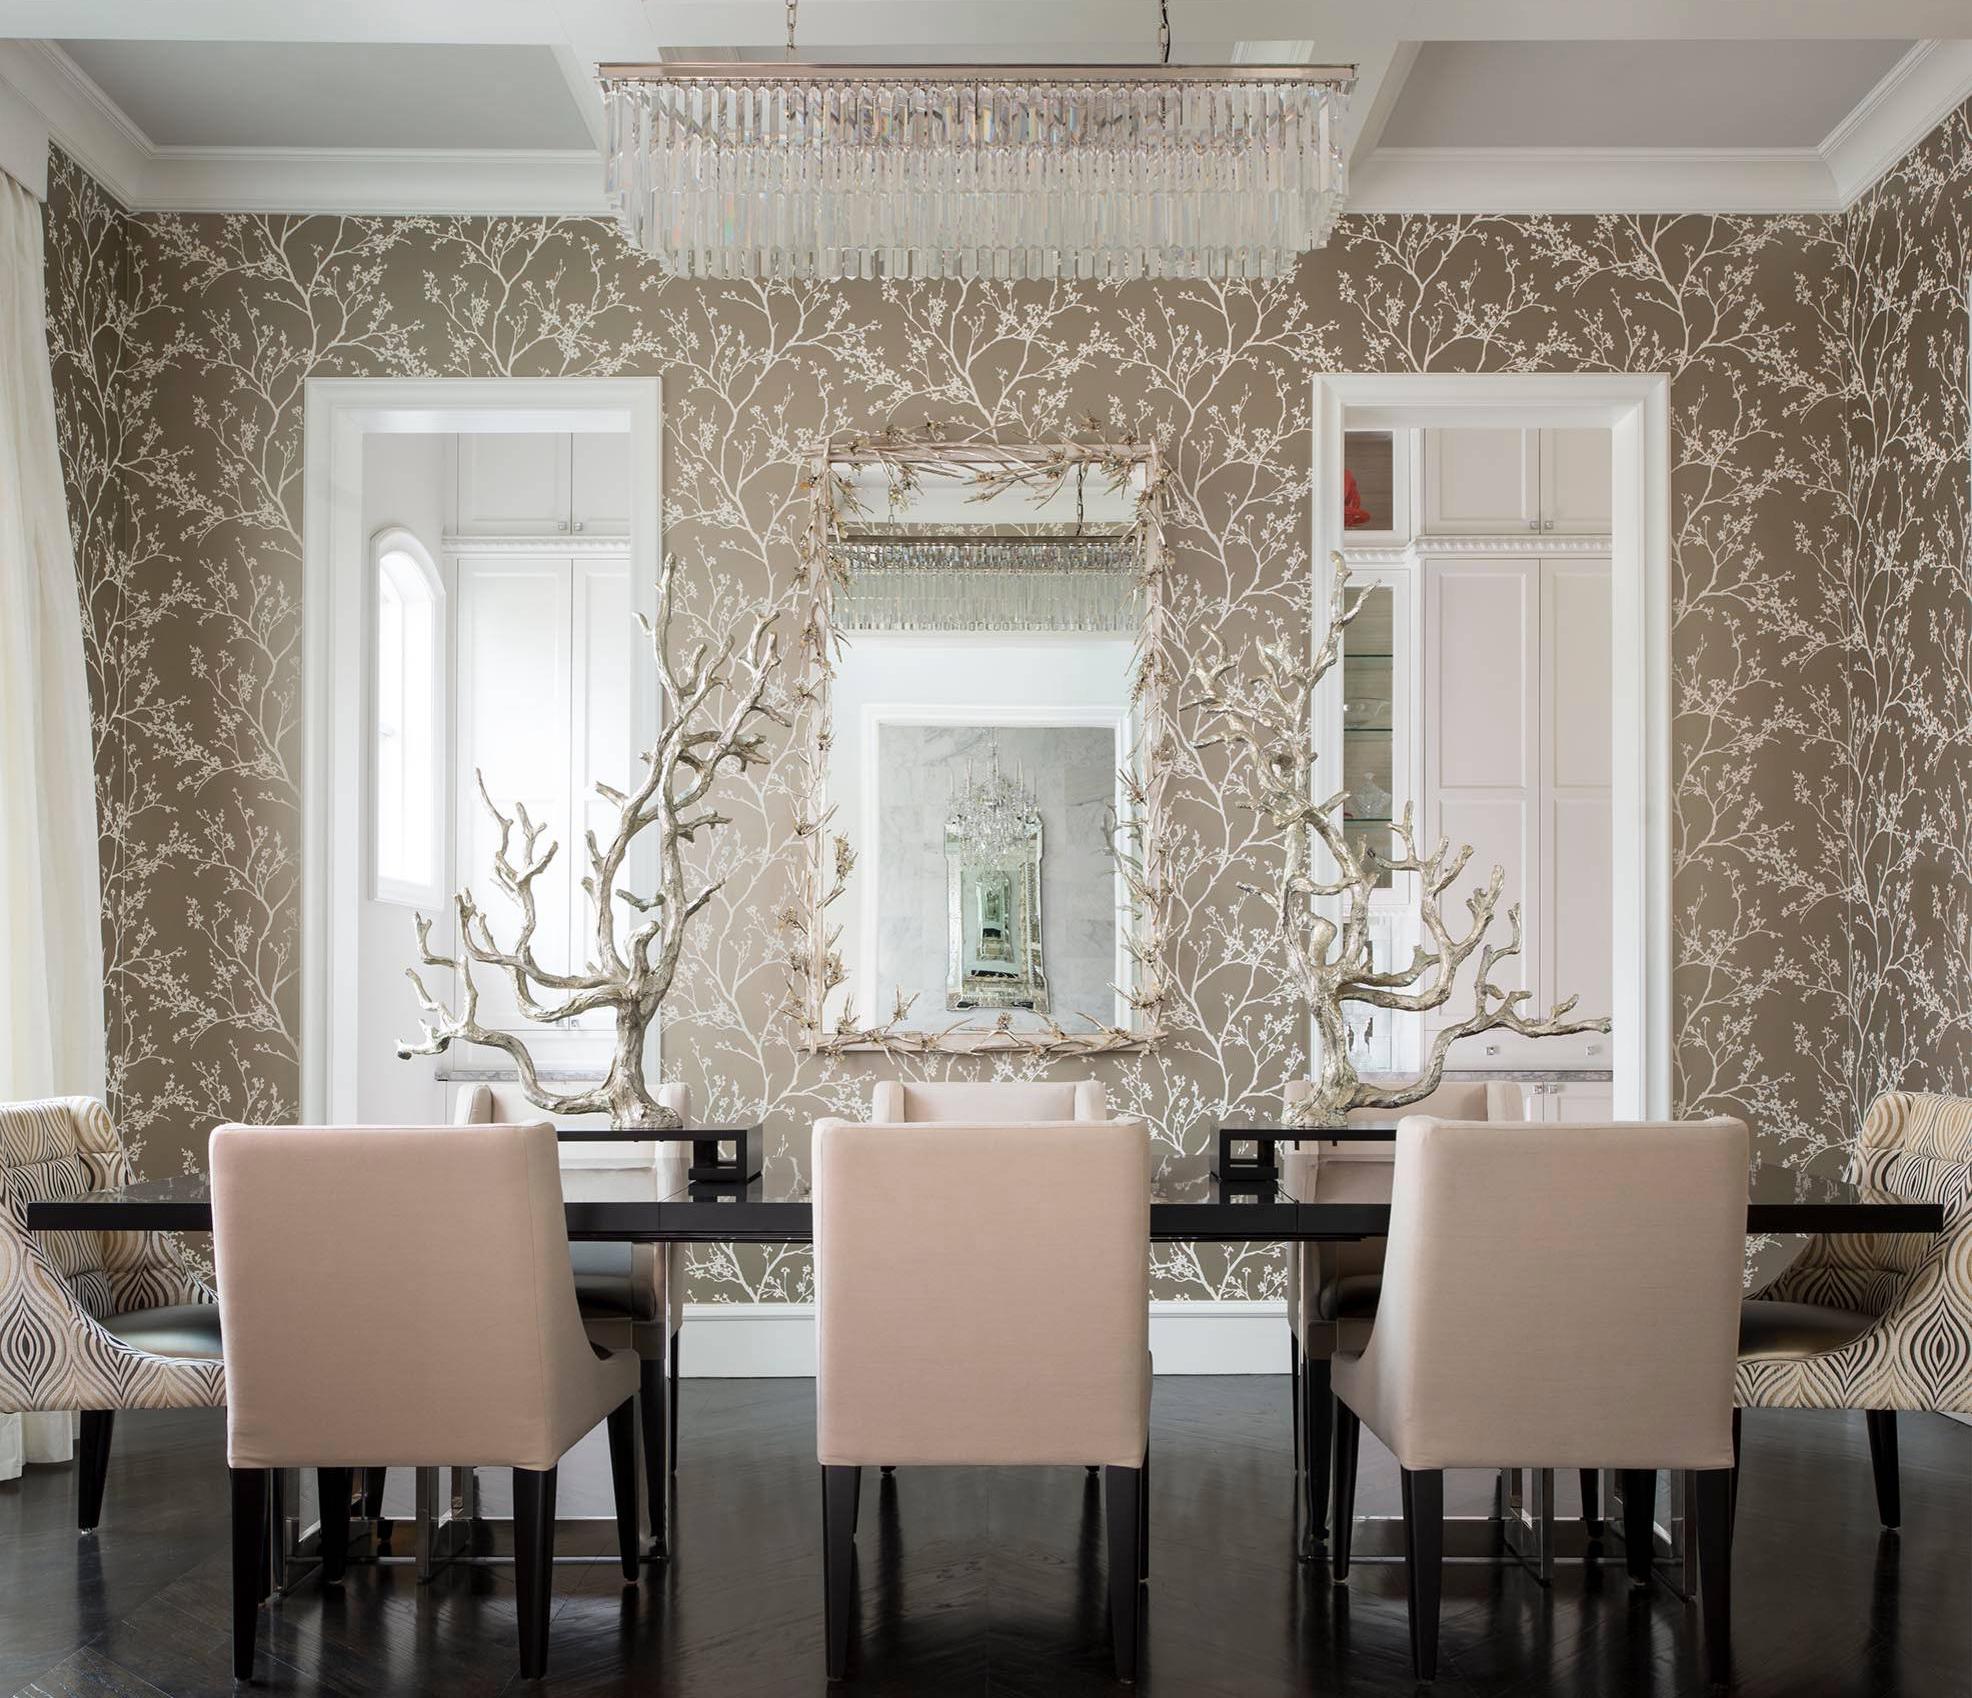 Papier peint clair et mobilier sombre forment une combinaison qui crée une atmosphère chaleureuse.  Thème végétal sur le papier peint du style anglais